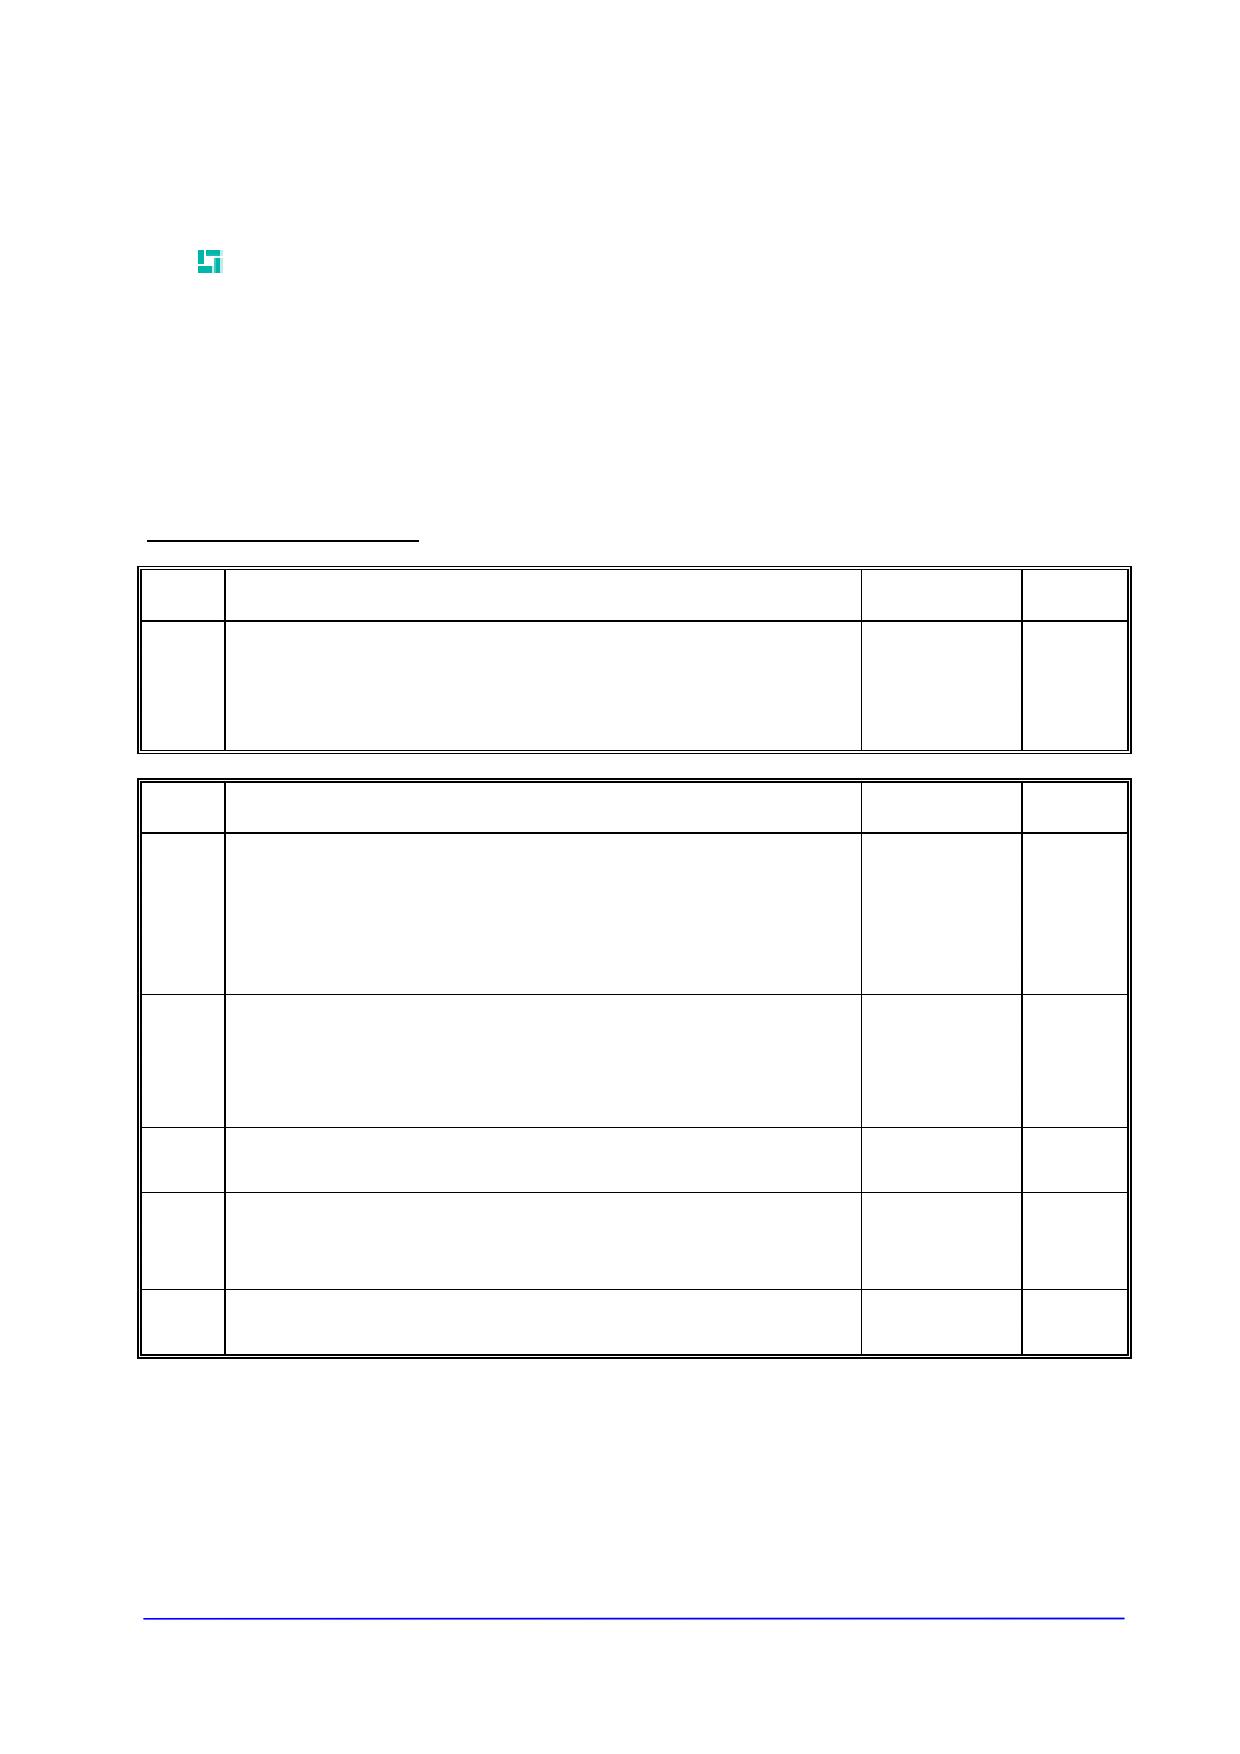 R0487YS10D datasheet